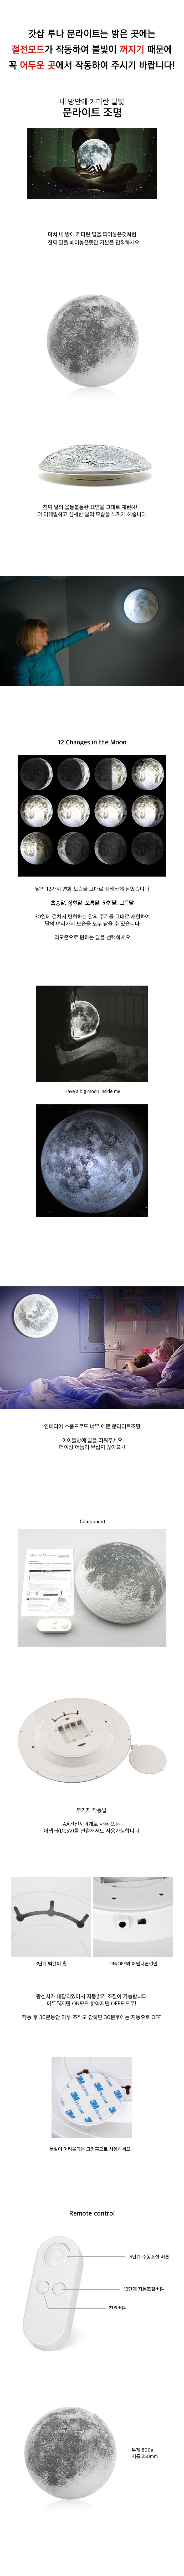 갓샵 루나 달 문라이트 무드등 보름달 취침등 수면등 - 갓샵, 19,800원, 리빙조명, 벽조명